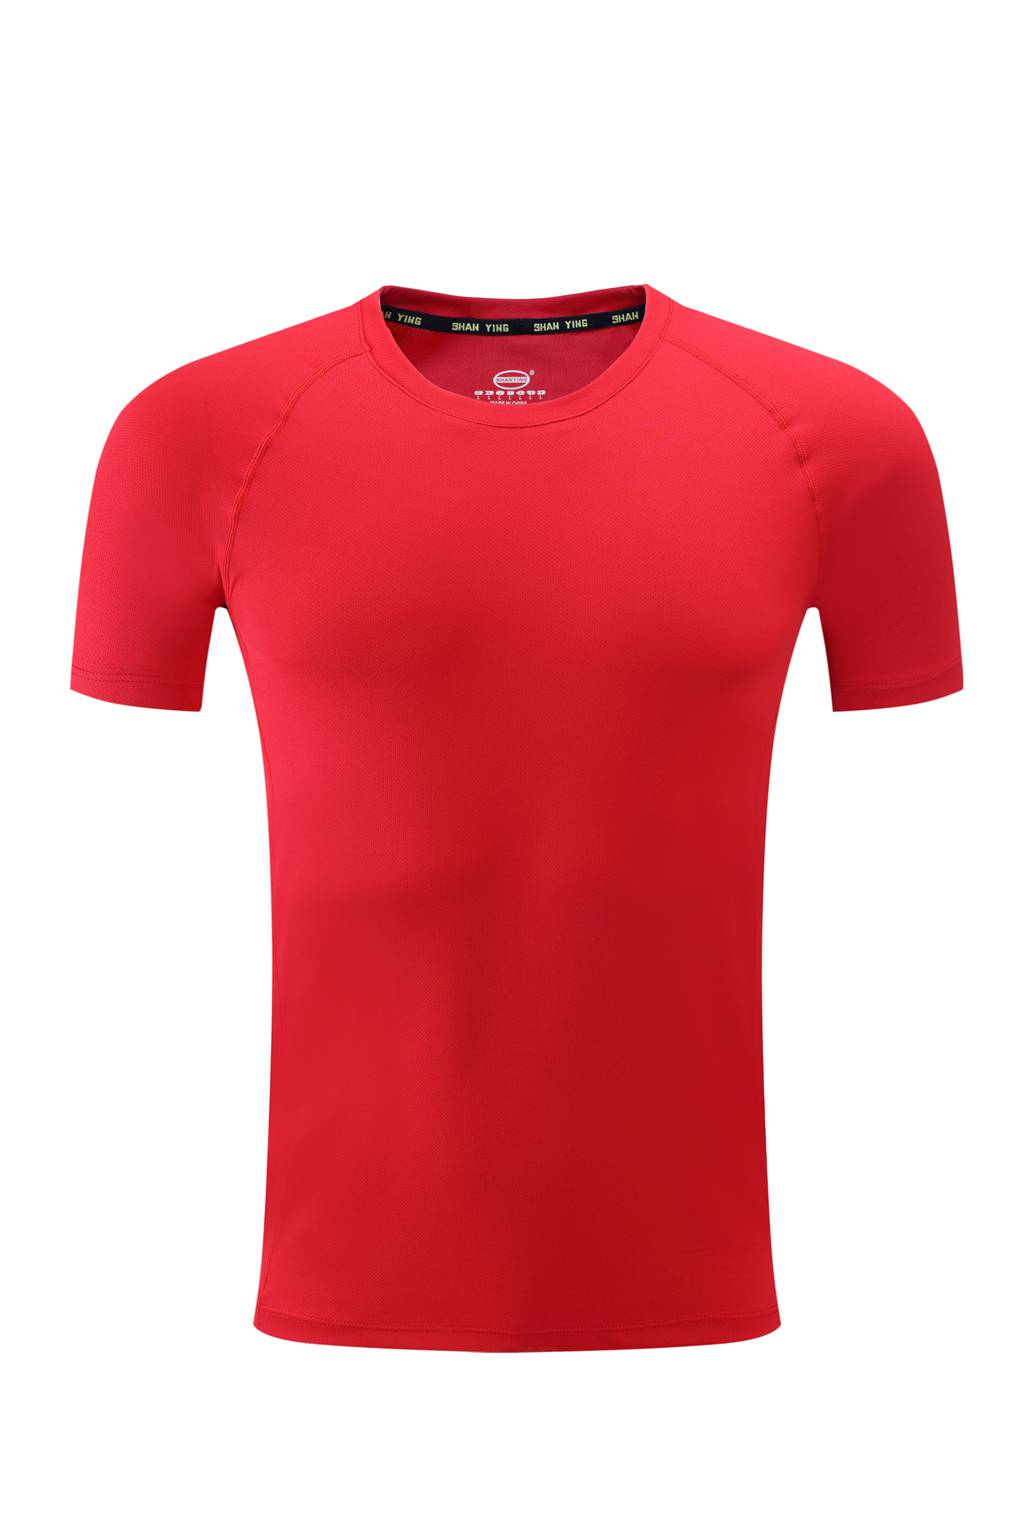 高档速干T恤  男女情侣衫  红色3D图